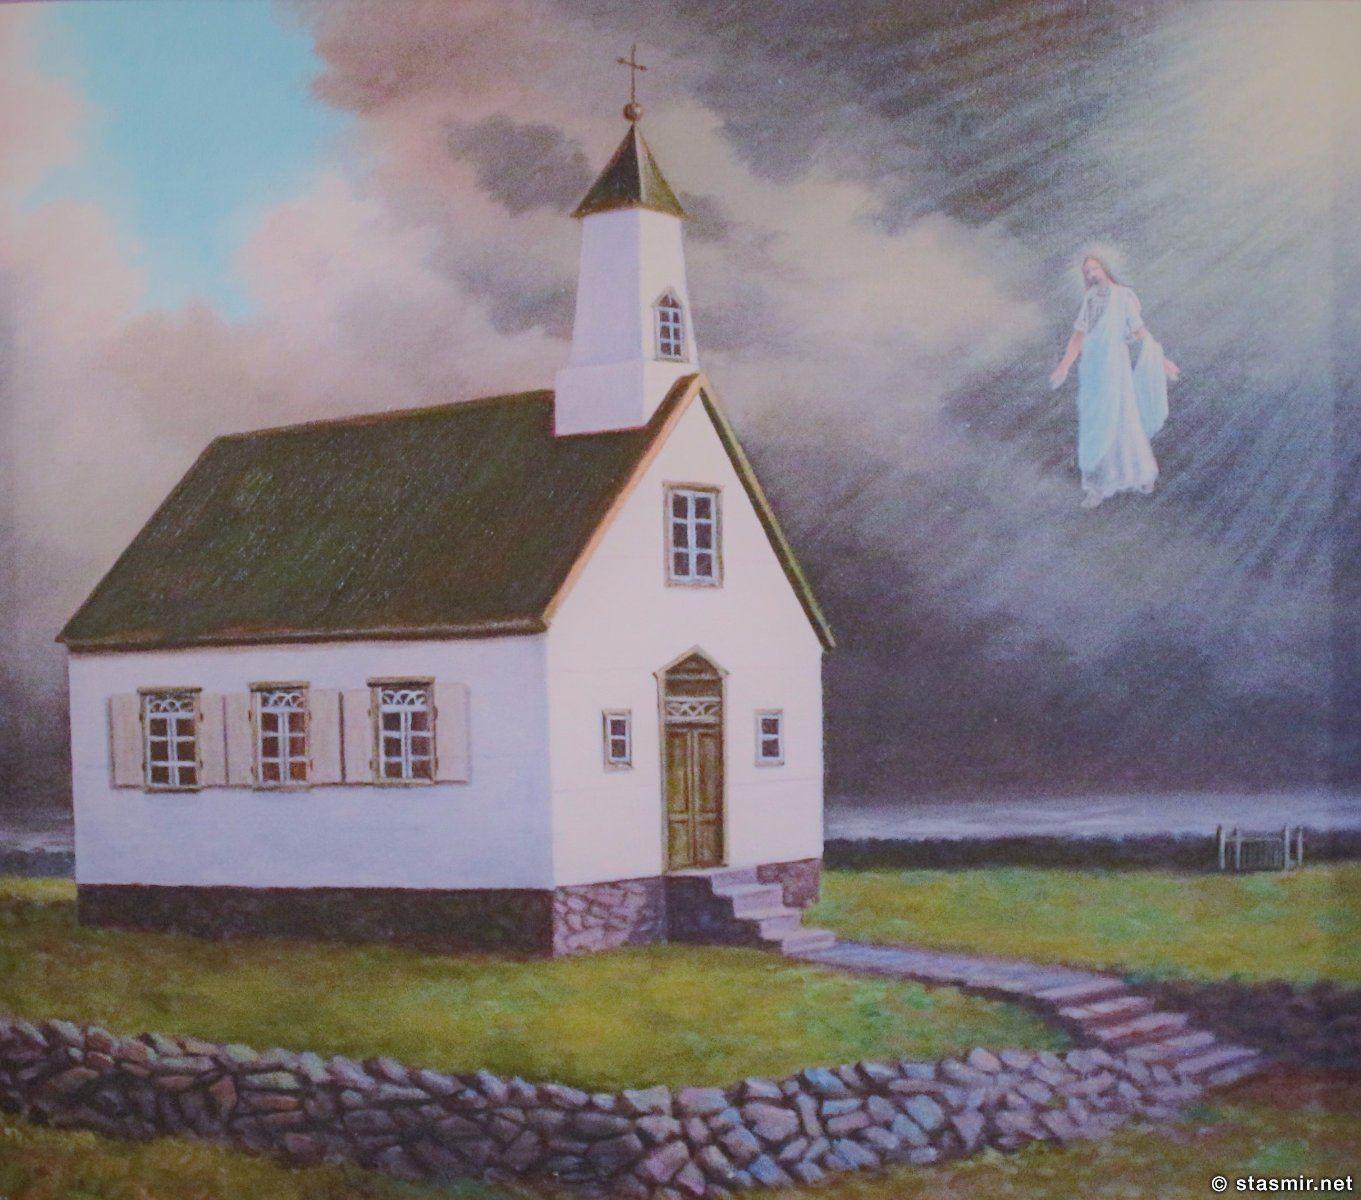 Картина, на которой изображен ангел-спаситель из залива Энгильснес в Сельвогюр, фото Стасмир, photo Stasmir